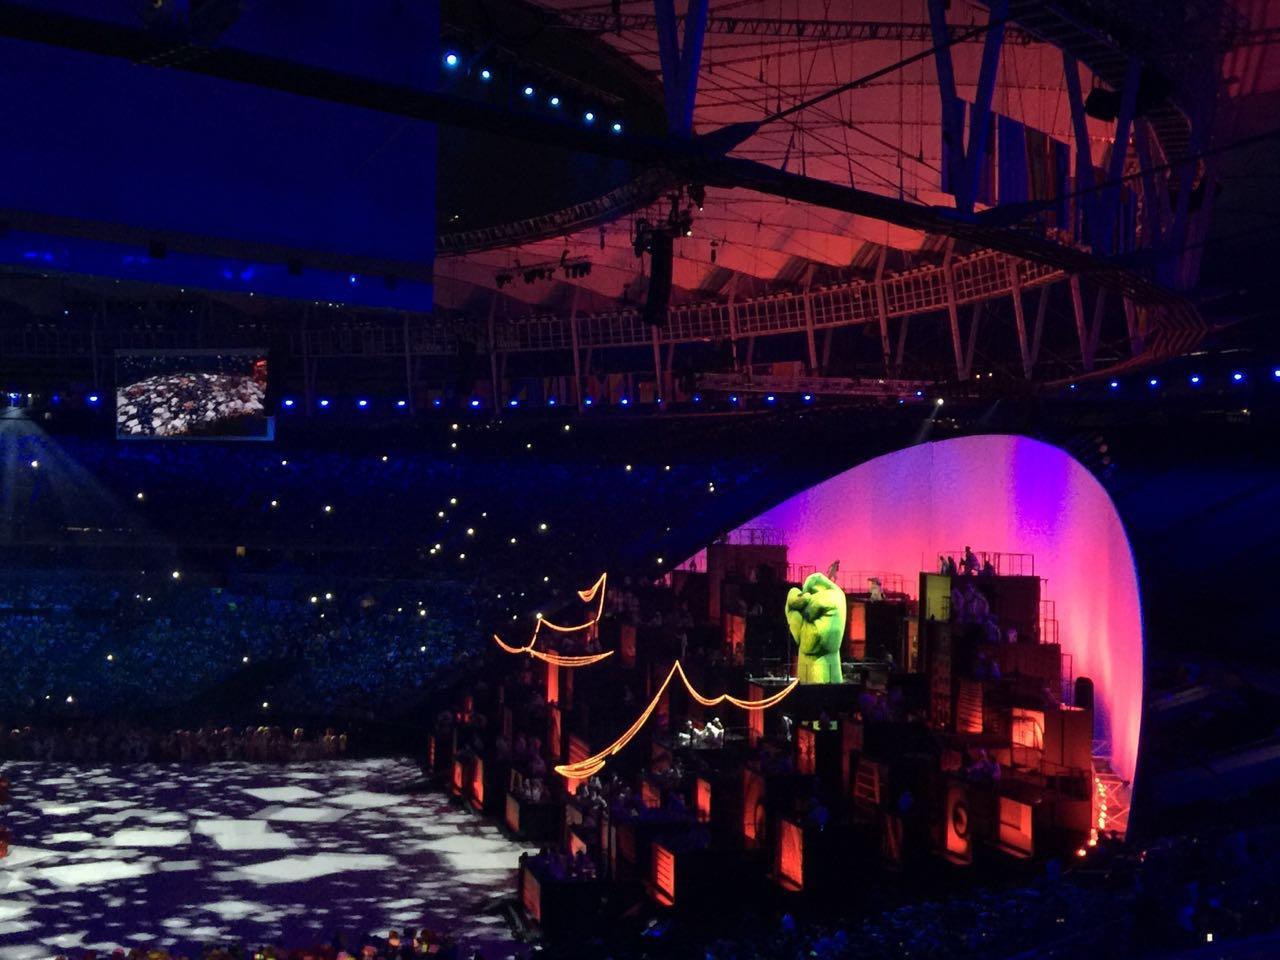 速来围观!里约奥运今日开幕 开幕式流程全公布